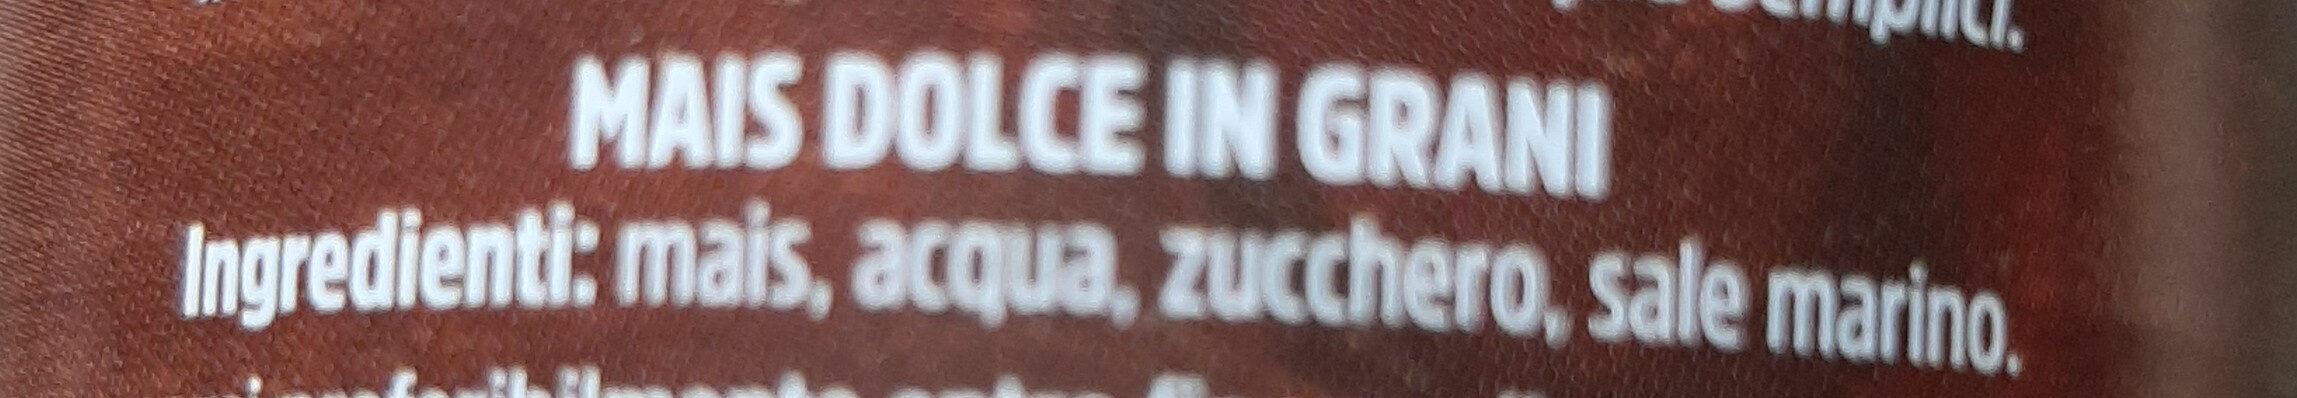 Mais dolce in grani - Ingrédients - it